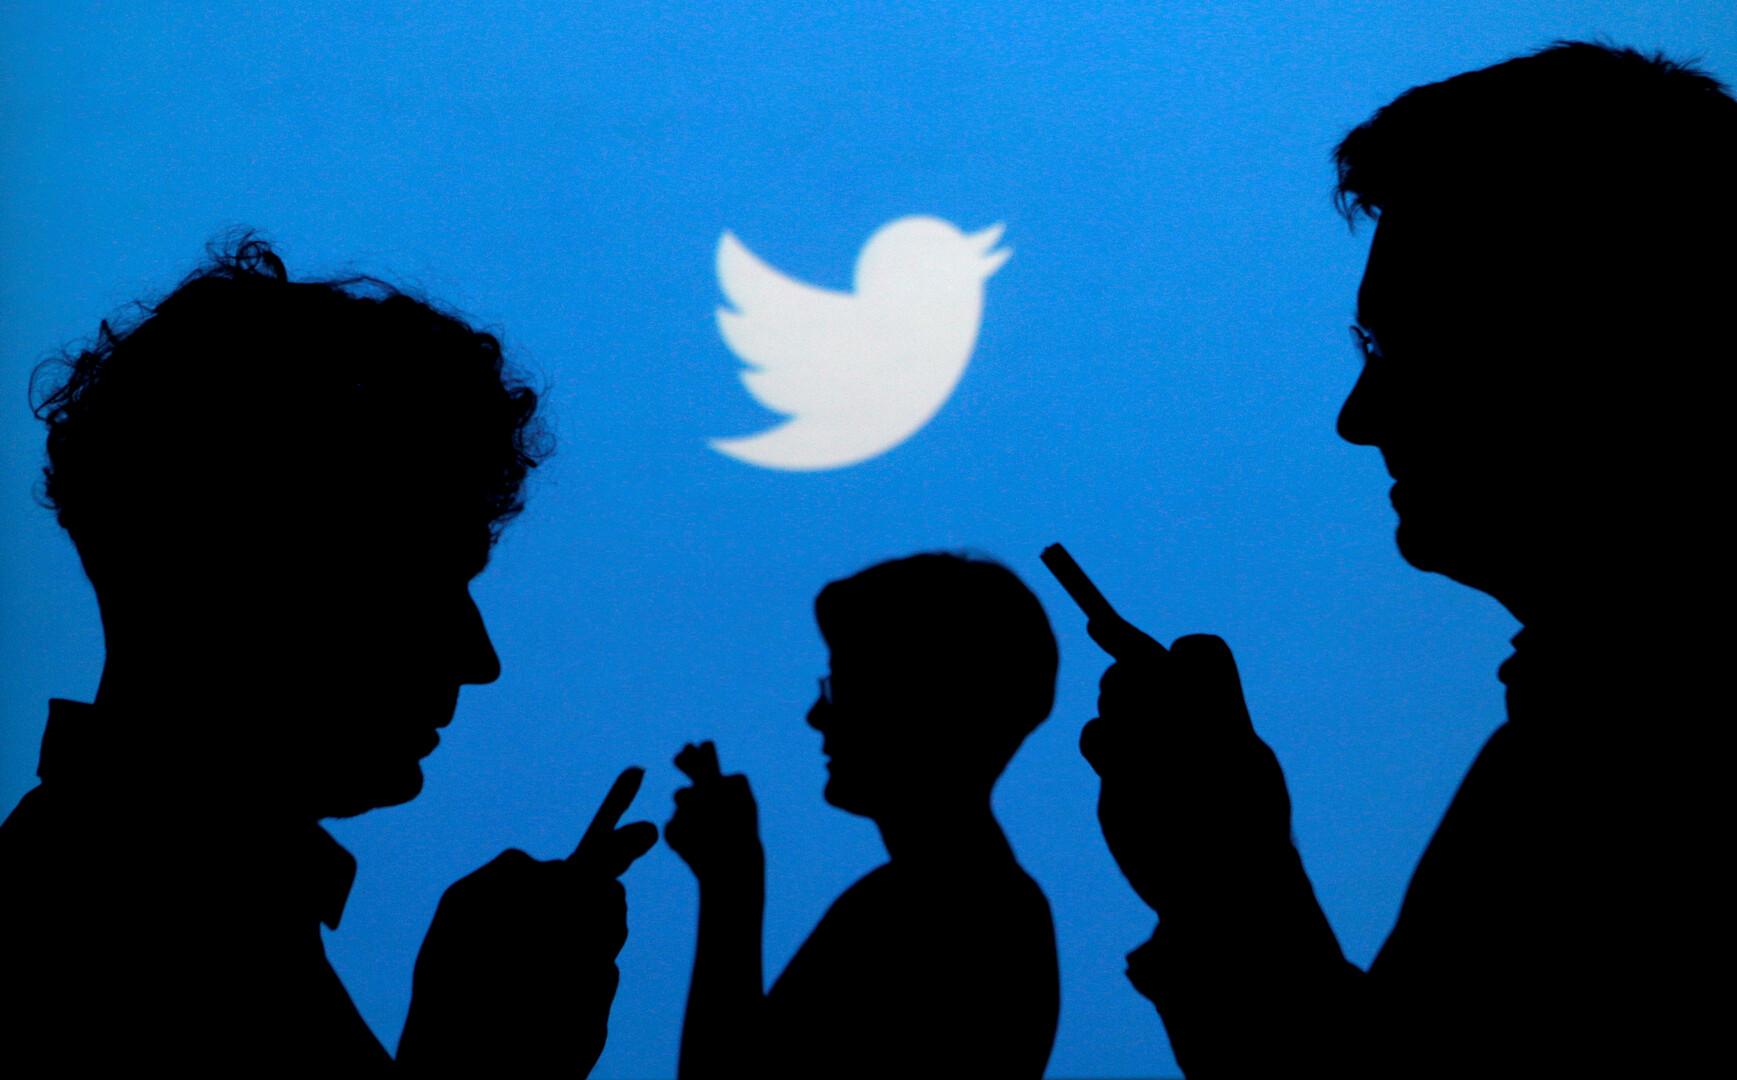 تويتر  يغلق 4258 حسابا إماراتيا مختصا بالملفين القطري واليمني -